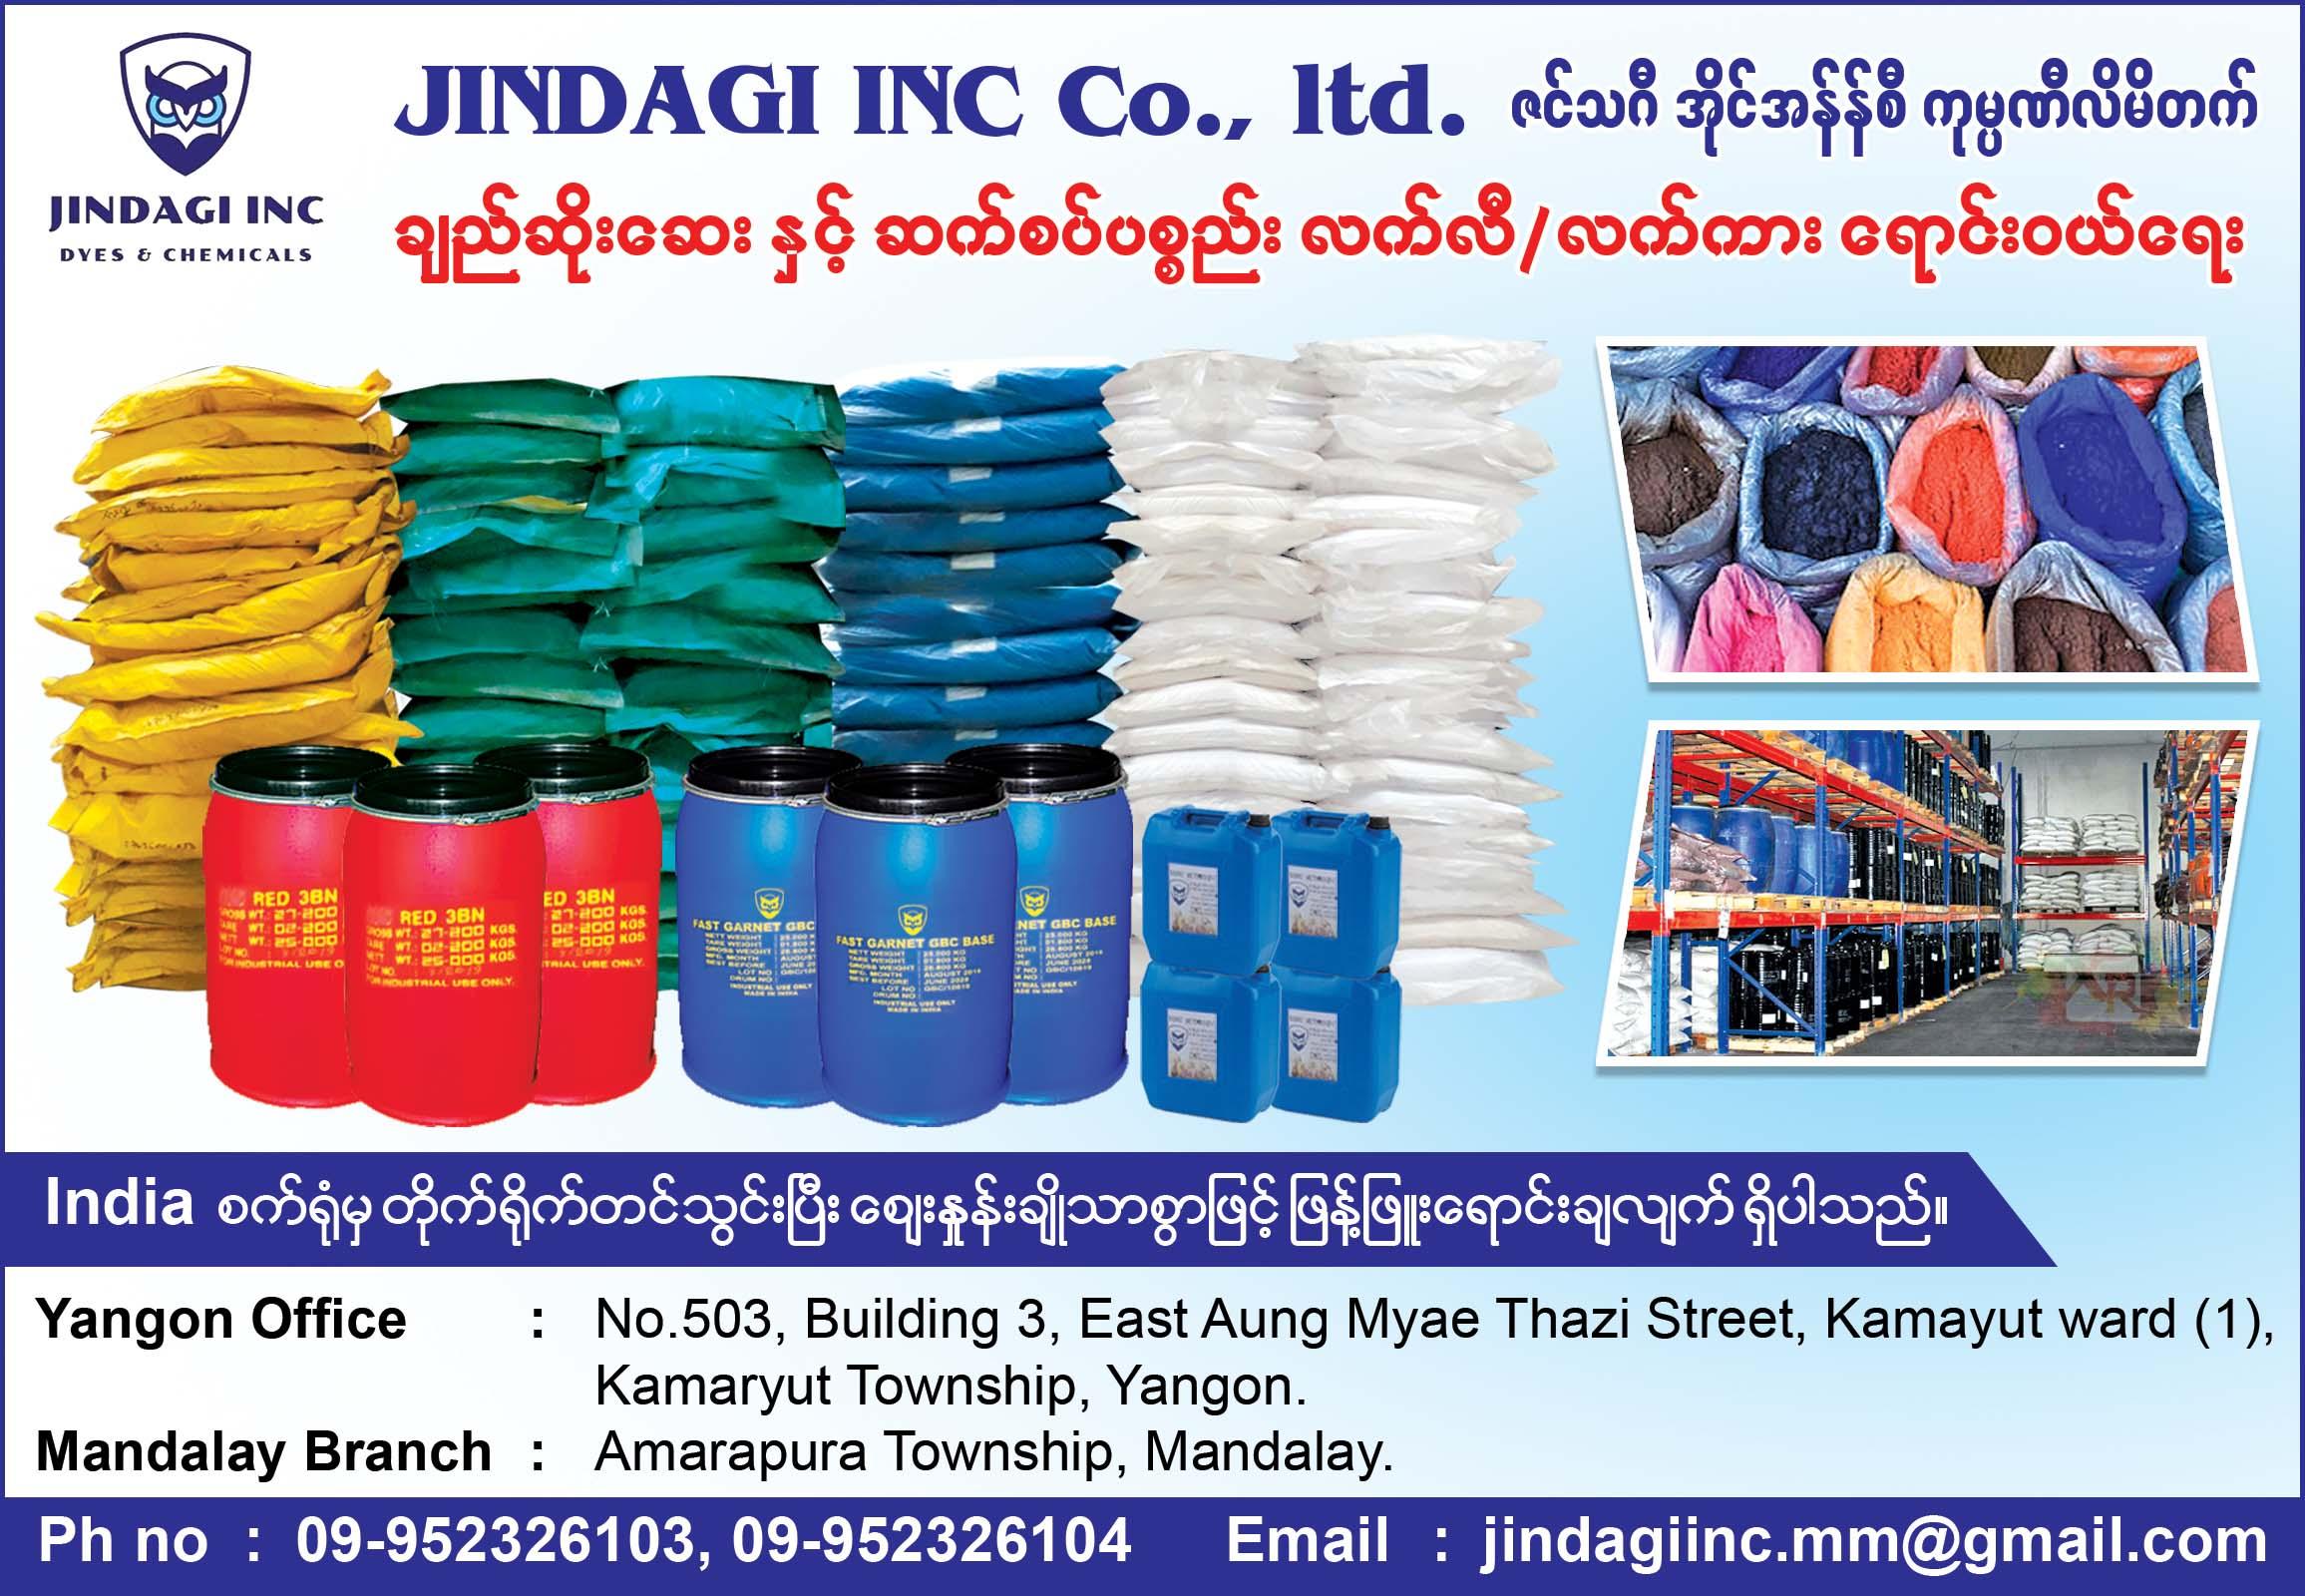 Jindagi Inc Co., Ltd.